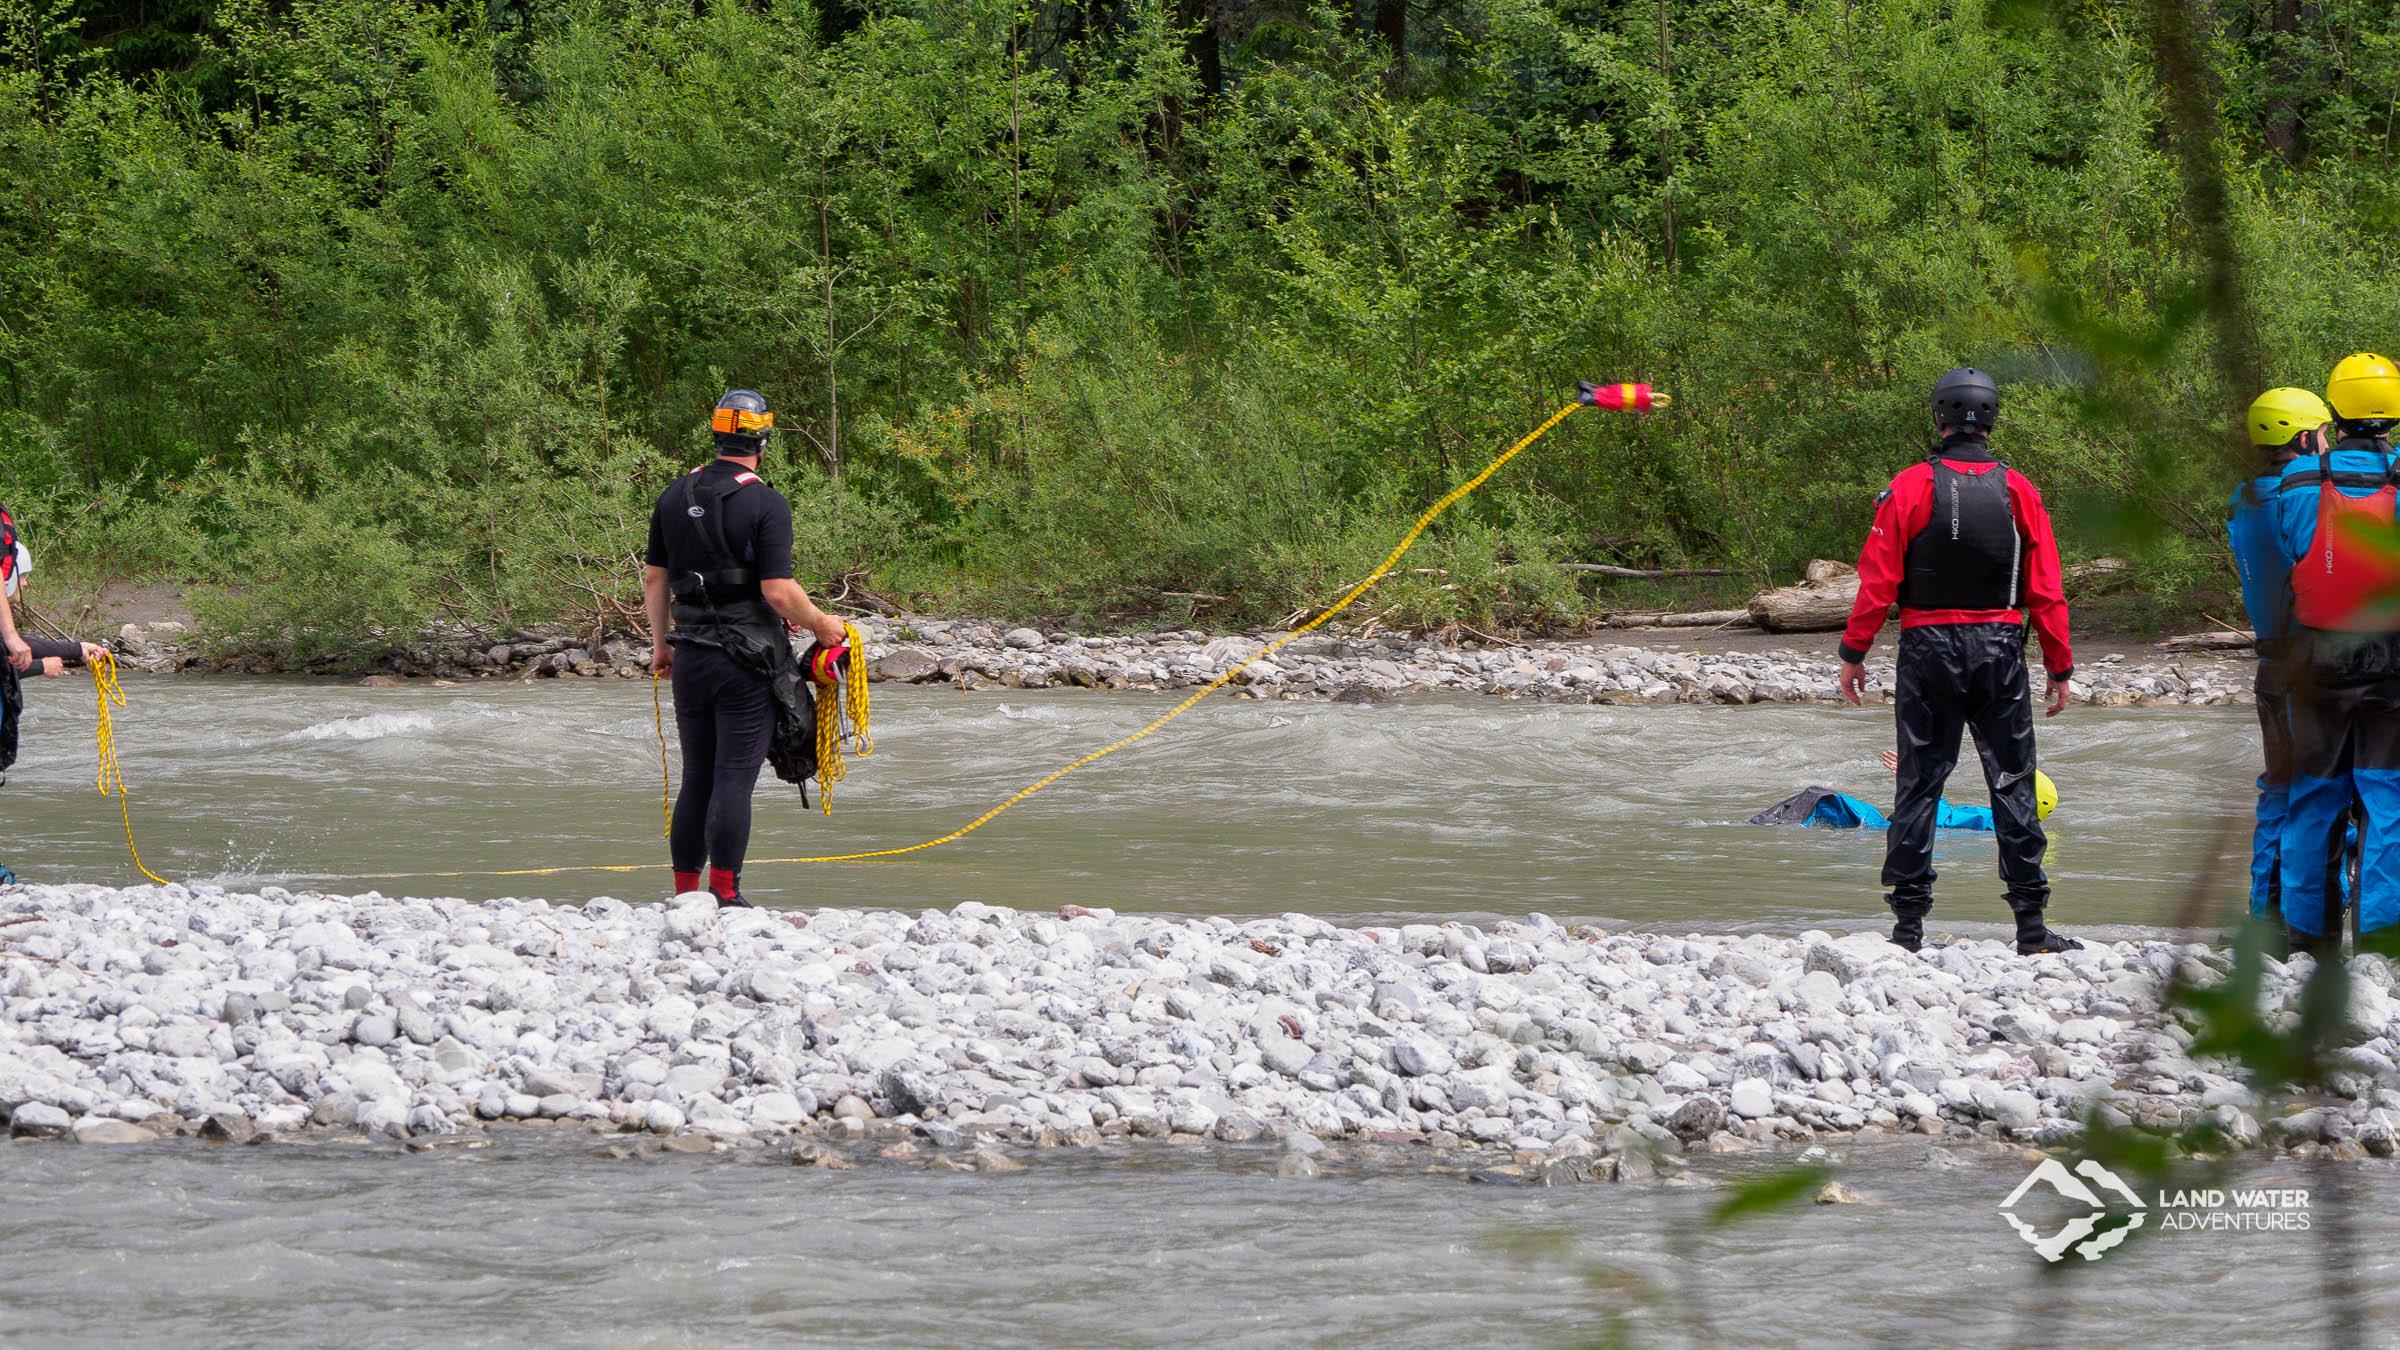 Safety Training Whitewater Packrafting Tirol © Land Water Adventures